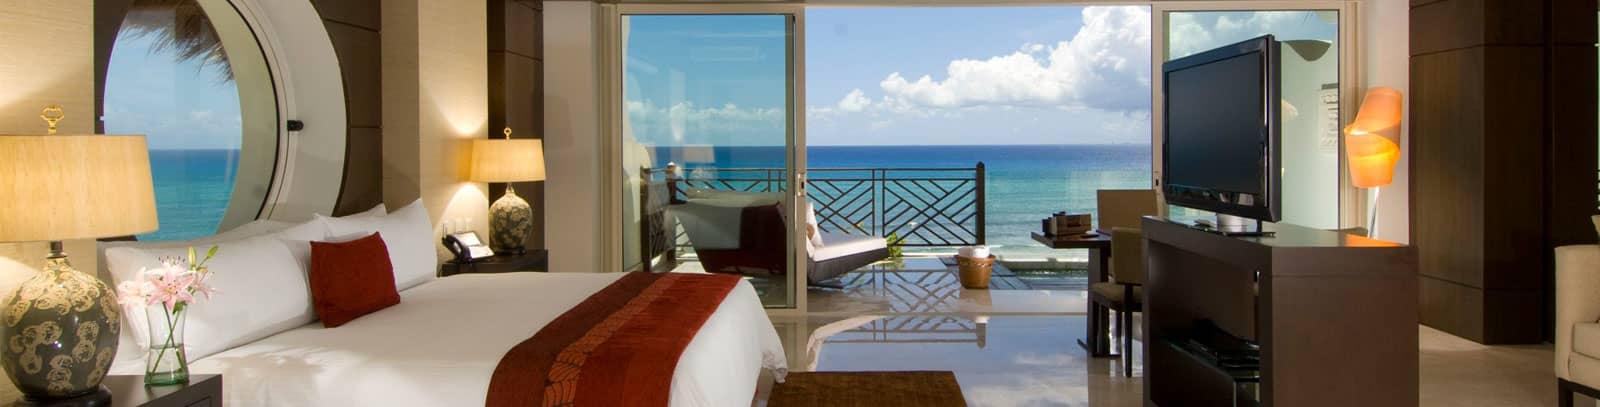 Suite Ambassador Gobernador Frente al Mar en Grand Velas Riviera Maya